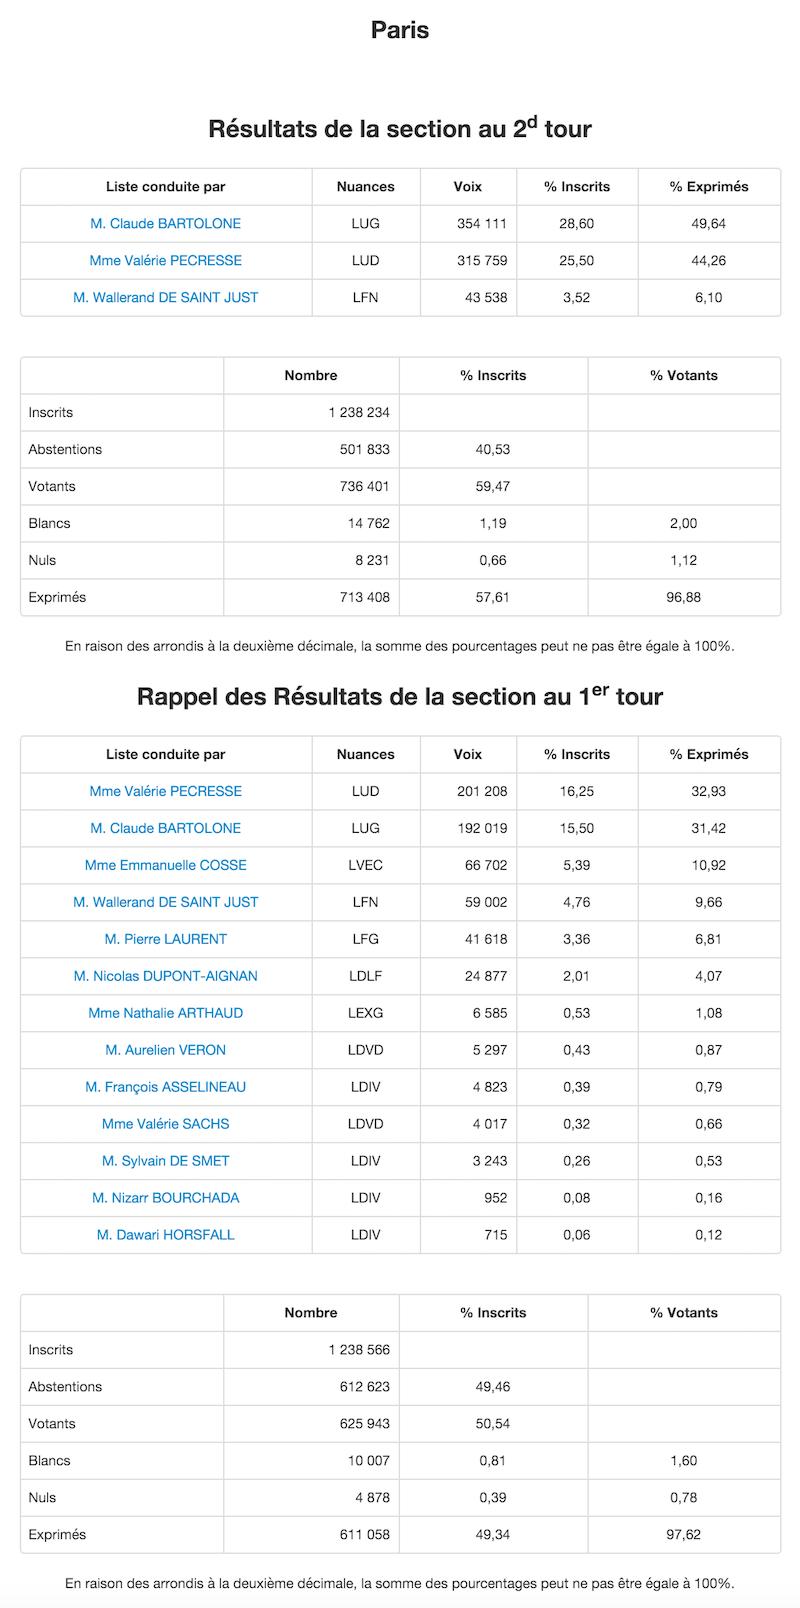 Régionales 2015 et 2010 dans le 3e arrondissement de Paris